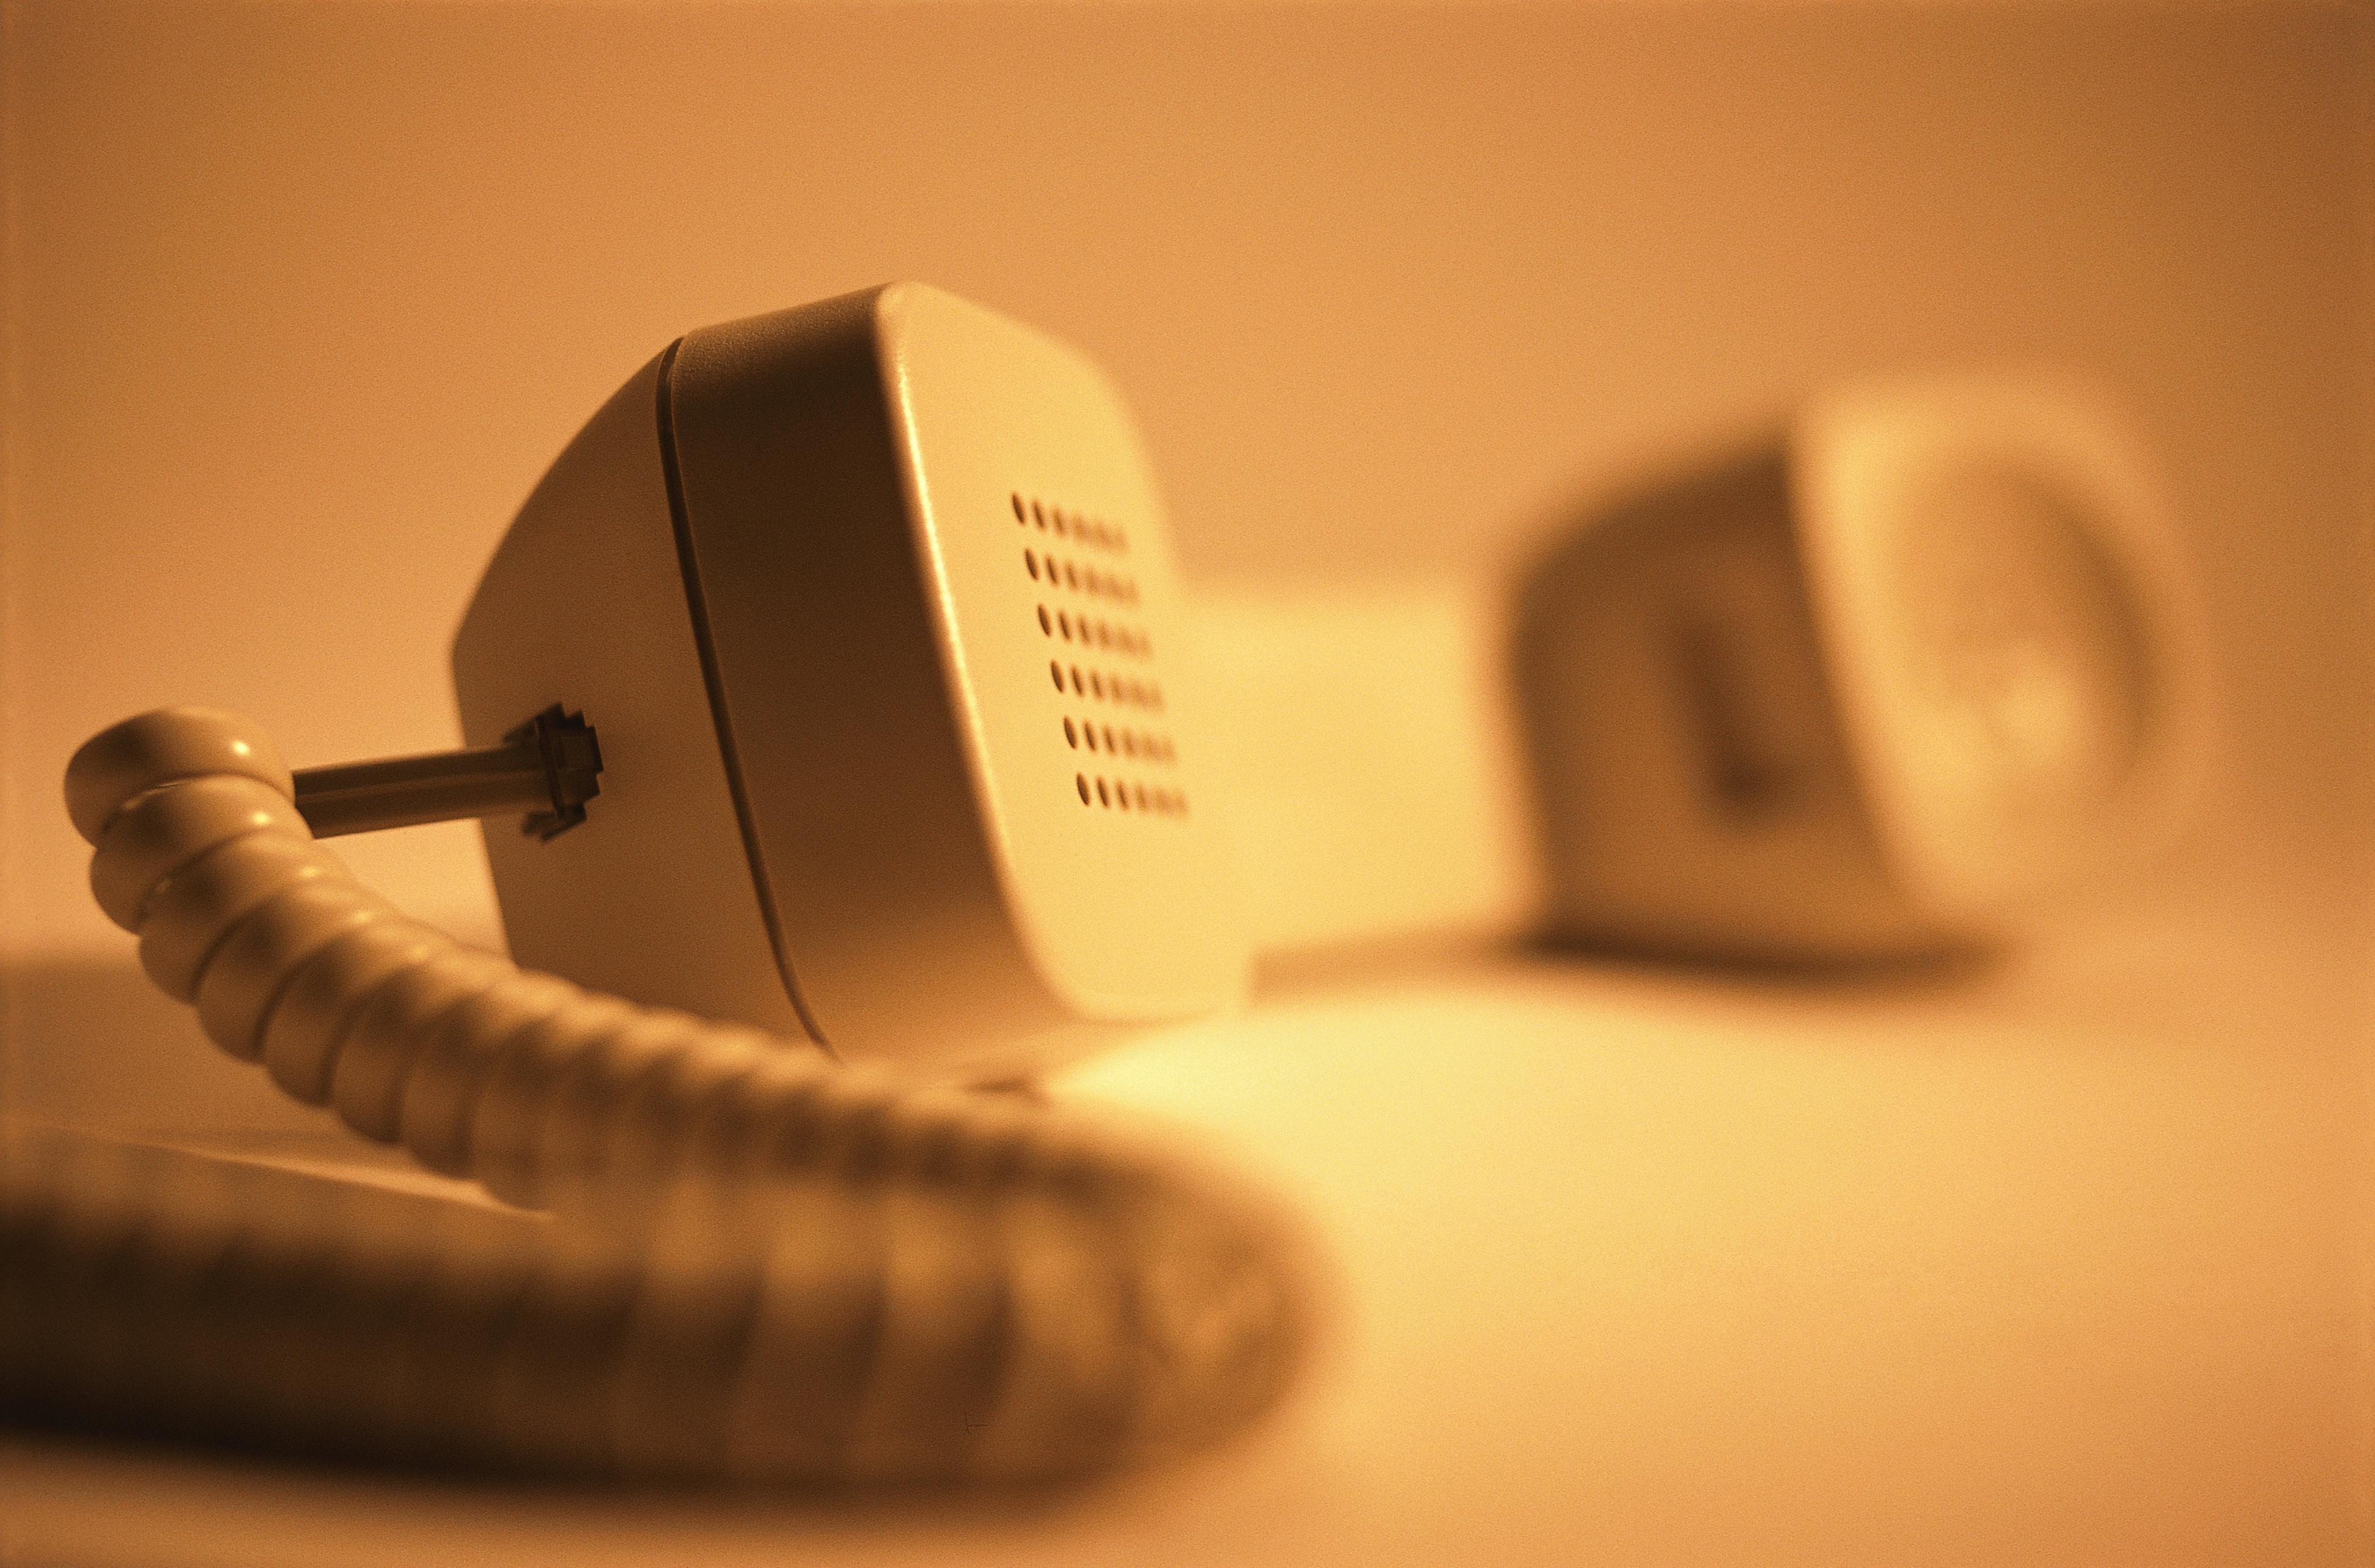 Картинки по запросу телефонная угроза